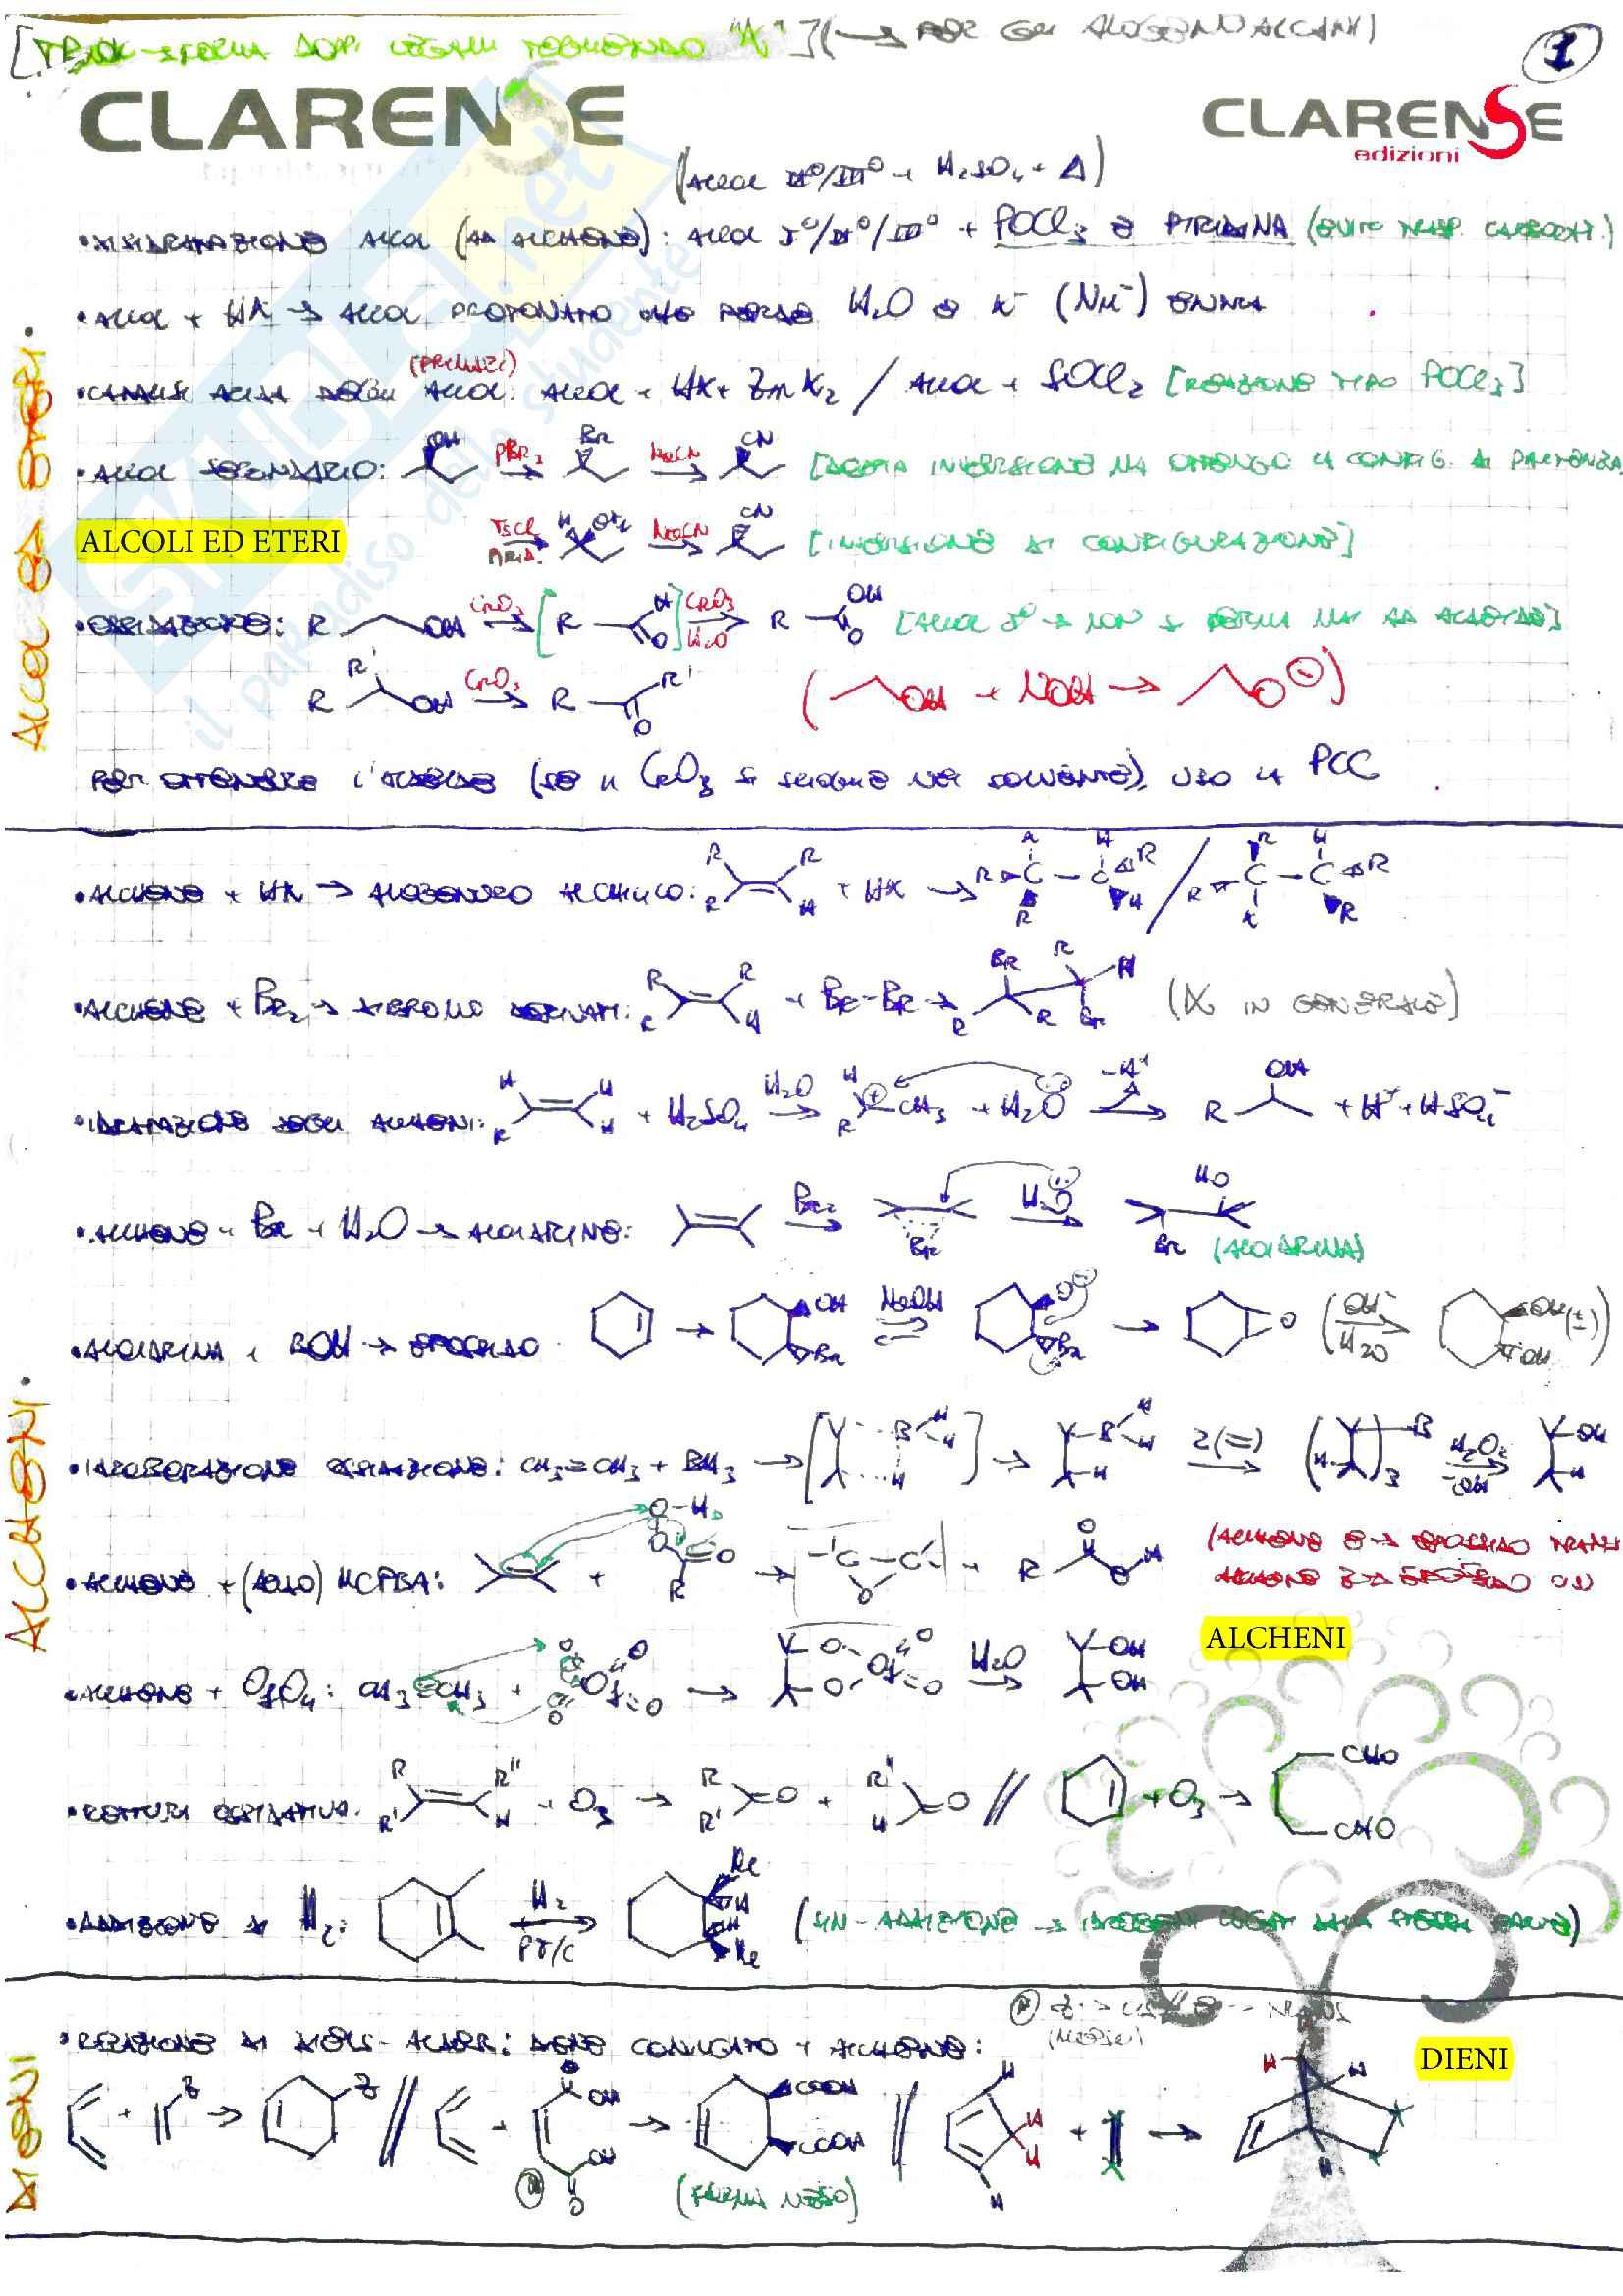 Chimica organica: reazioni sostanze alifatiche